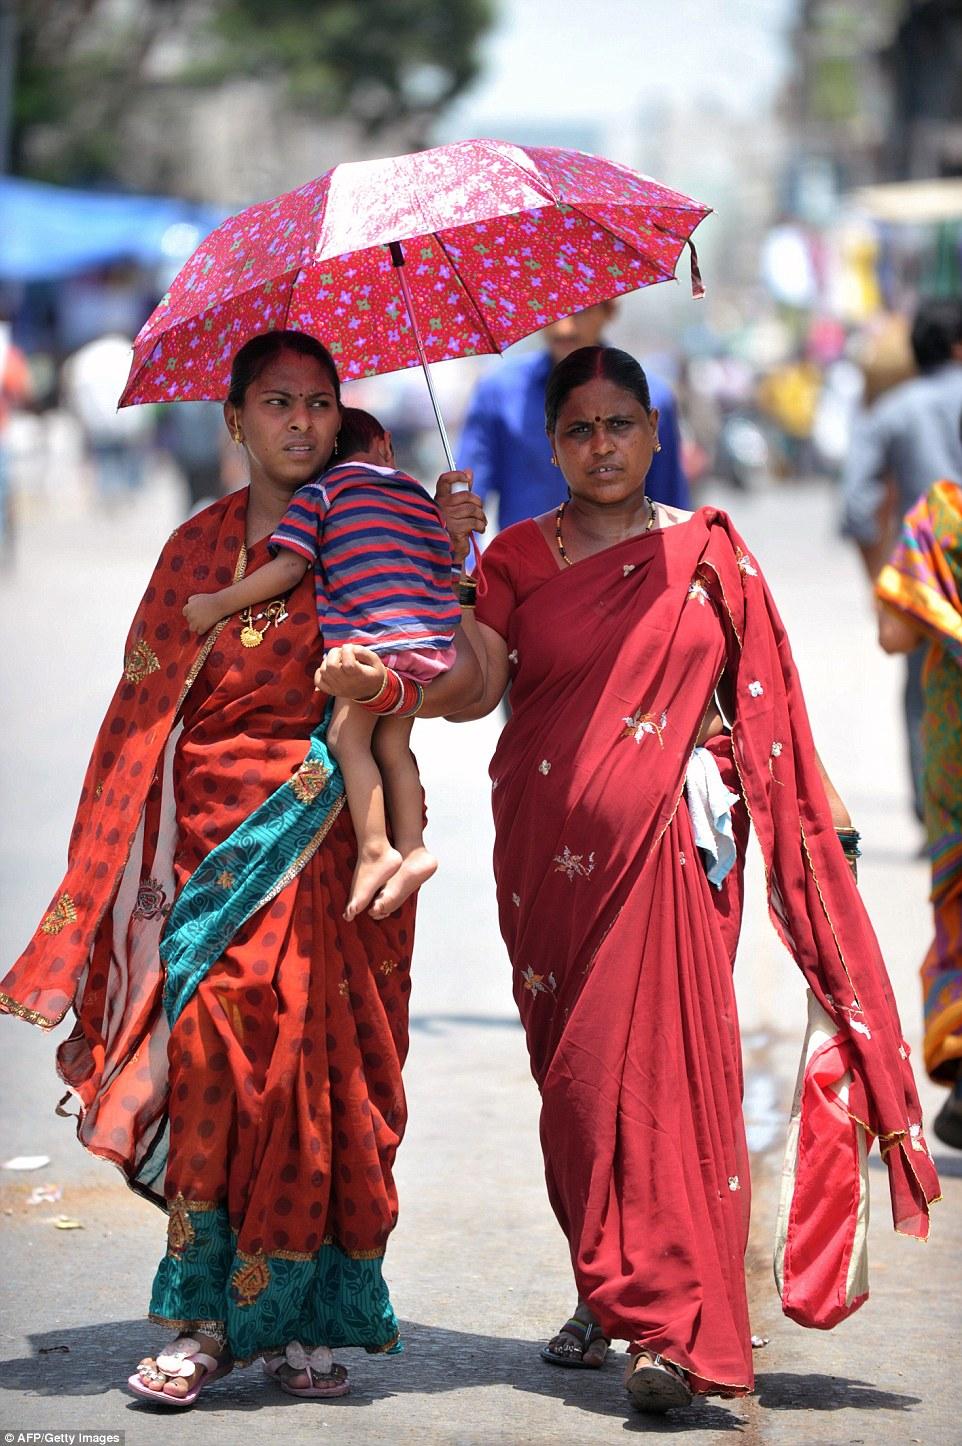 Nắng nóng kinh hoàng đang diễn ra tại nhiều bang ở Ân Độ. Ảnh: AFP